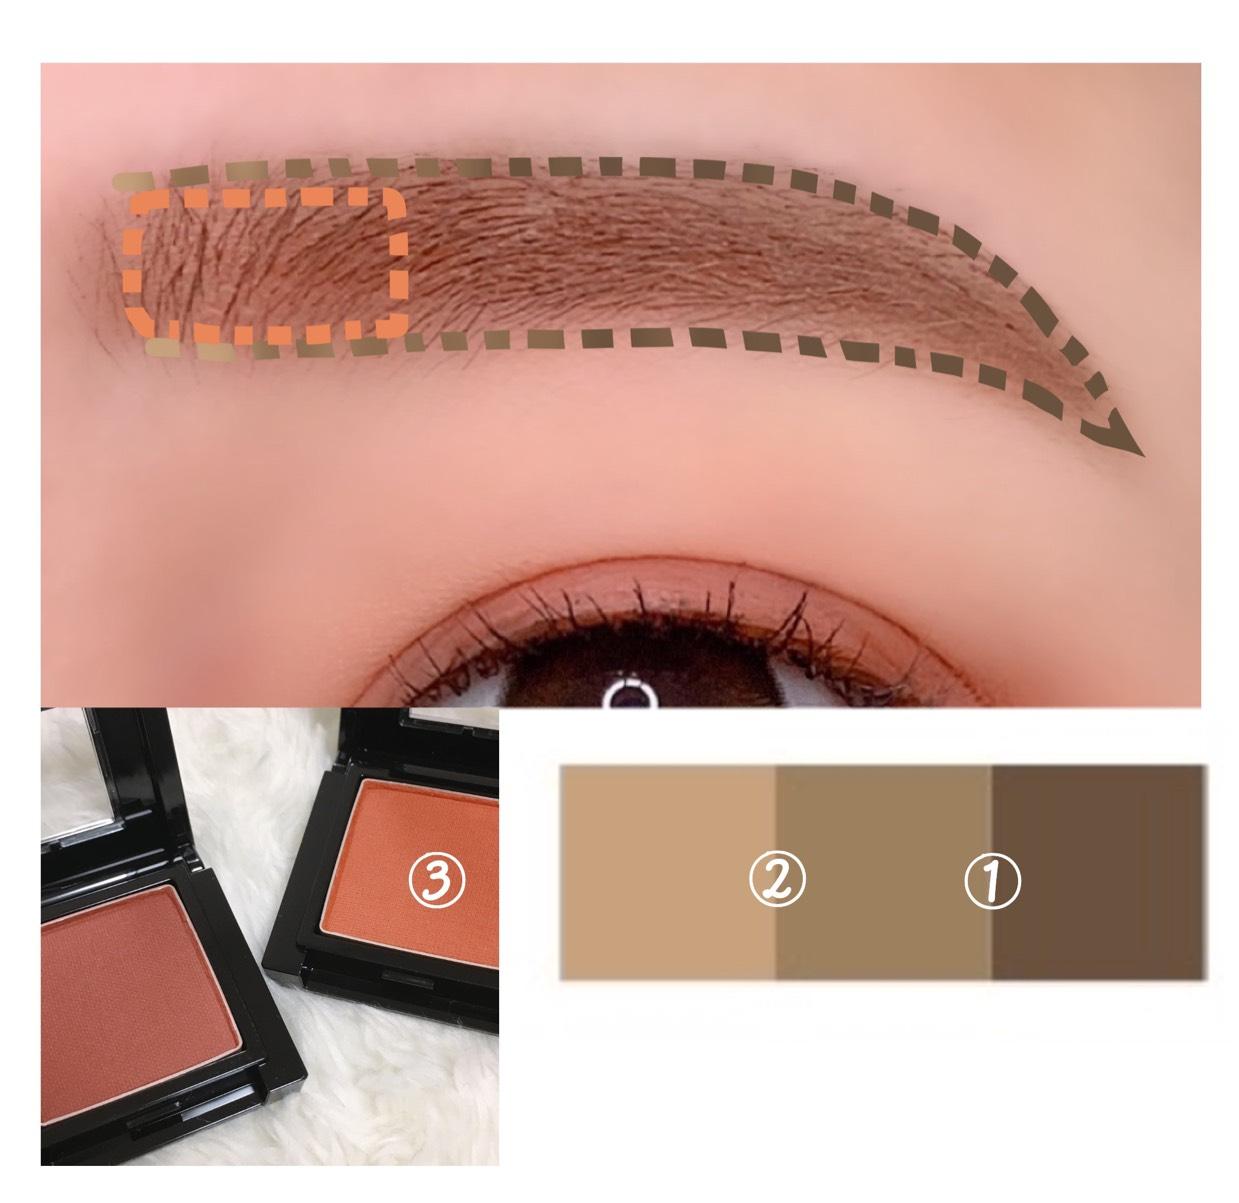 ①右2色を混ぜて眉頭以外を描きます。 ②左2色を混ぜてめ眉頭を描きます。 ③眉頭にオレンジを軽く乗せます。  最後にアイブロウマスカラを塗ります◎